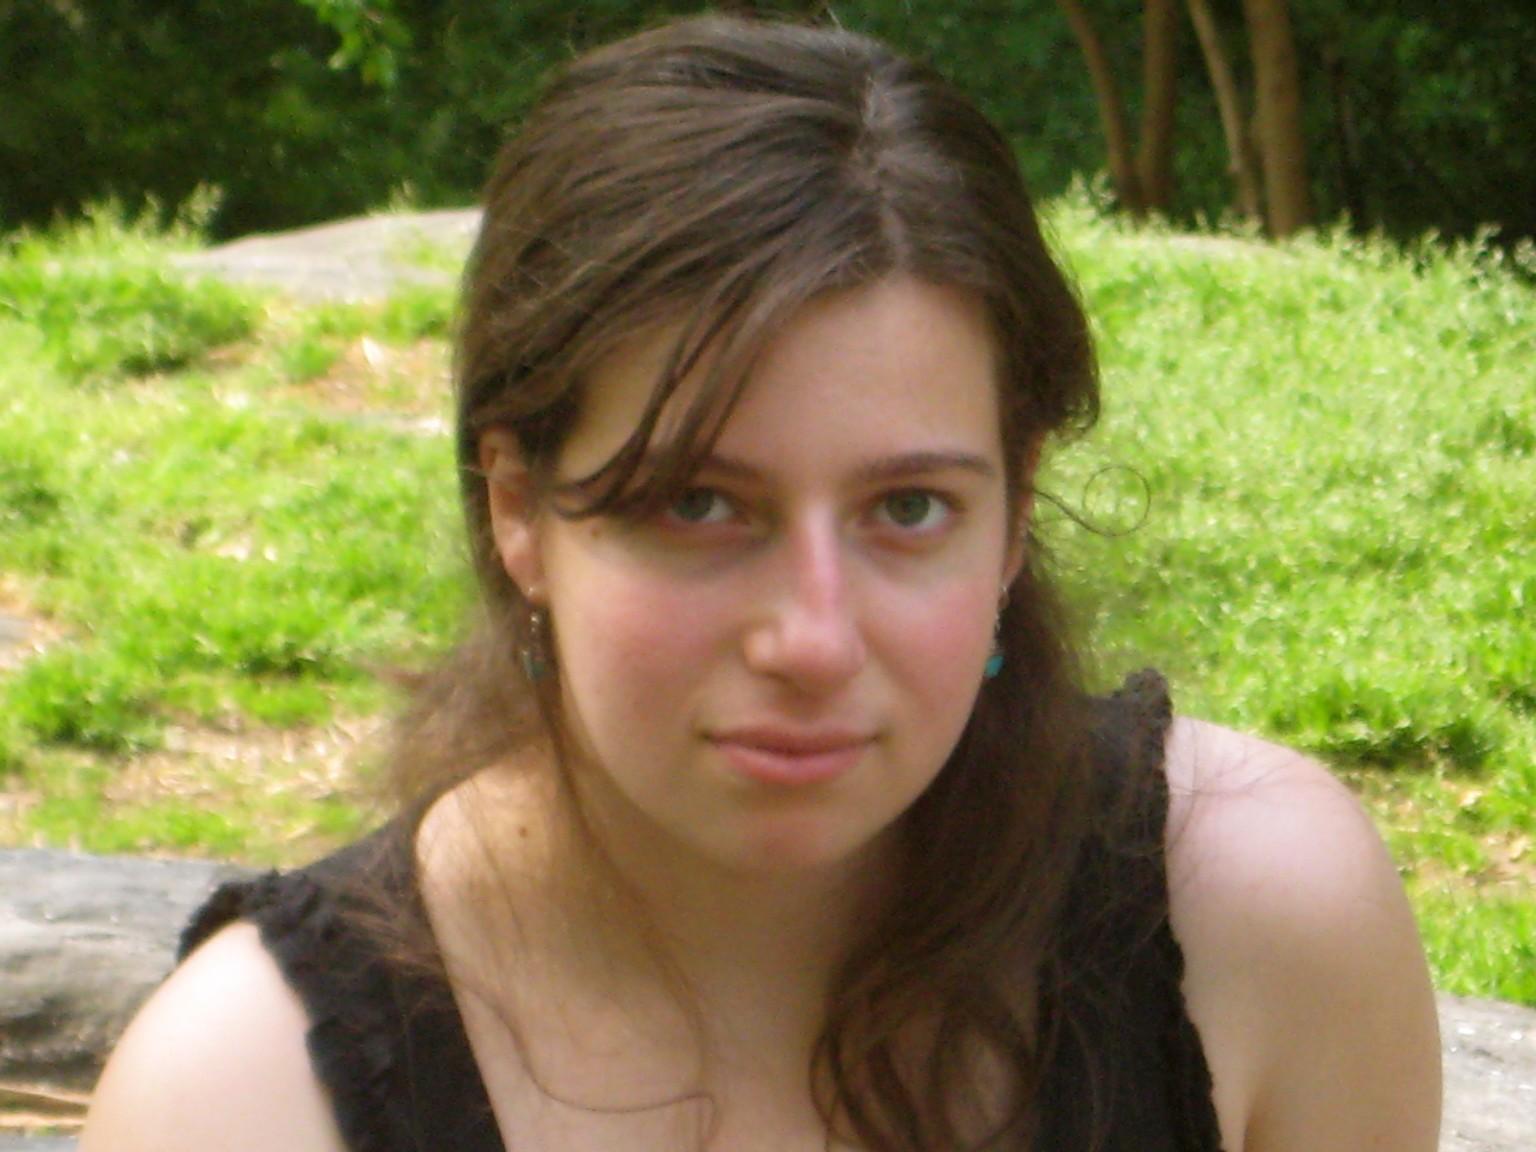 Gabrielle Hoyt-Disick